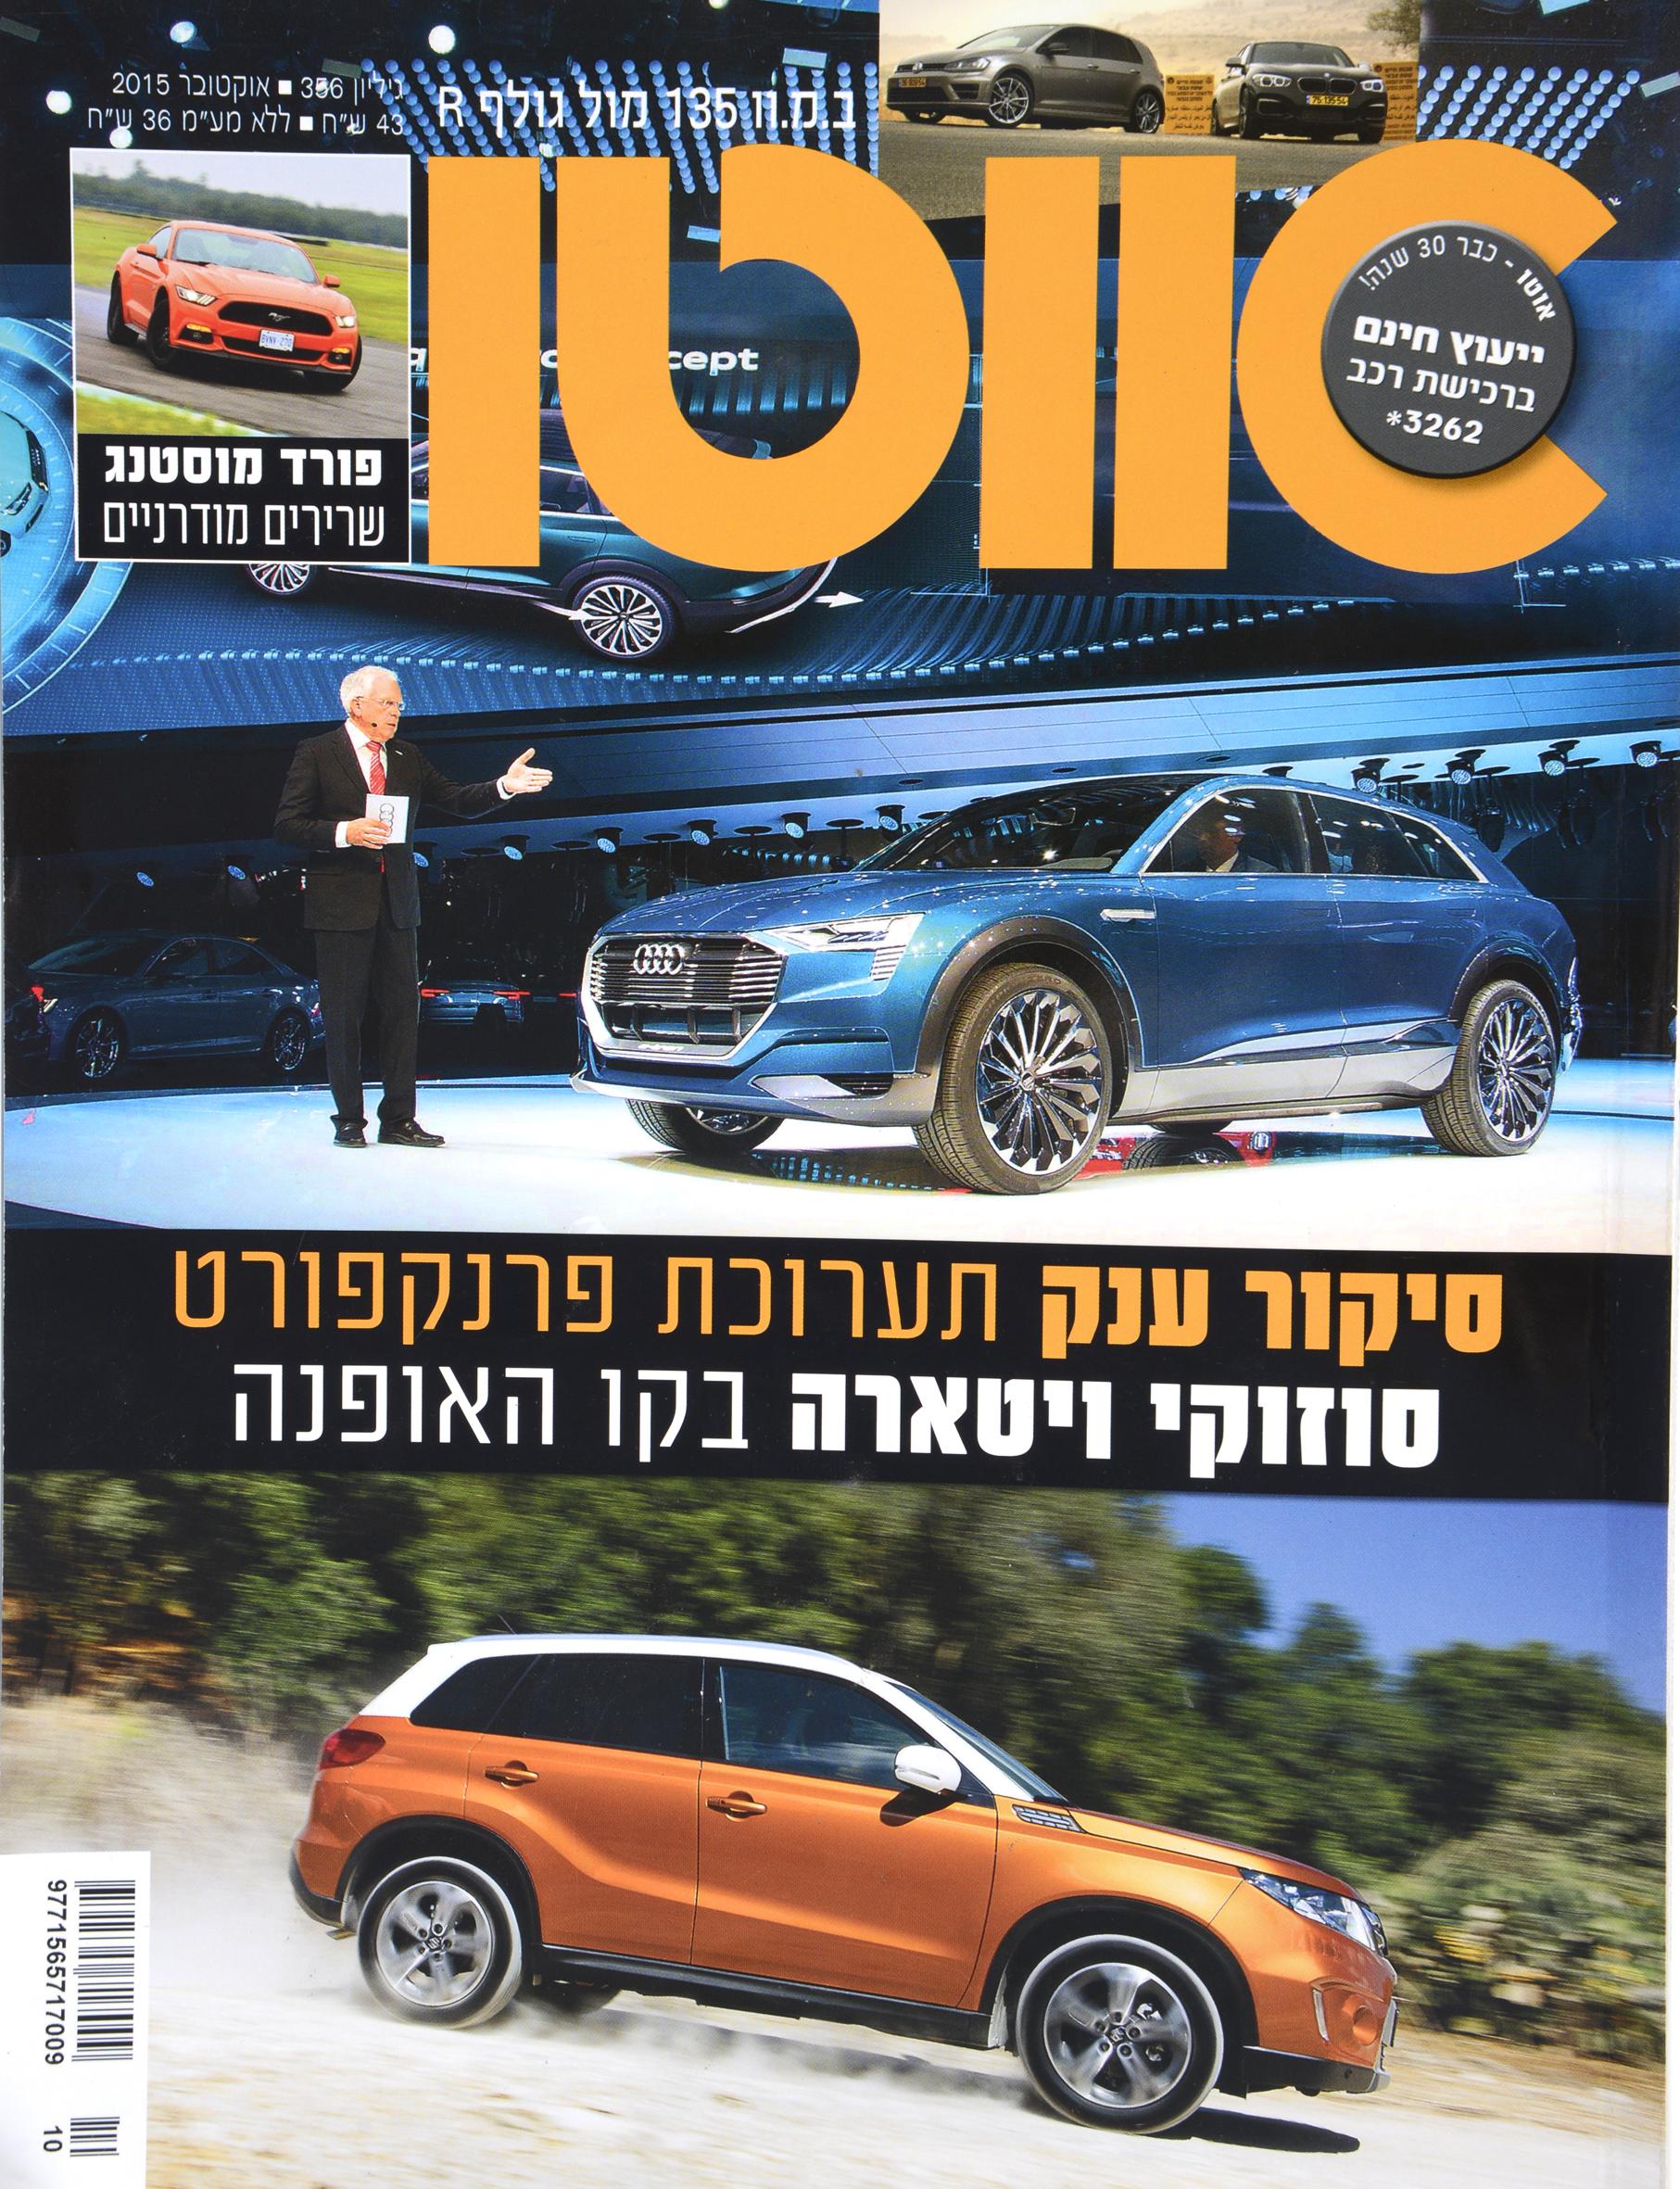 מגזין